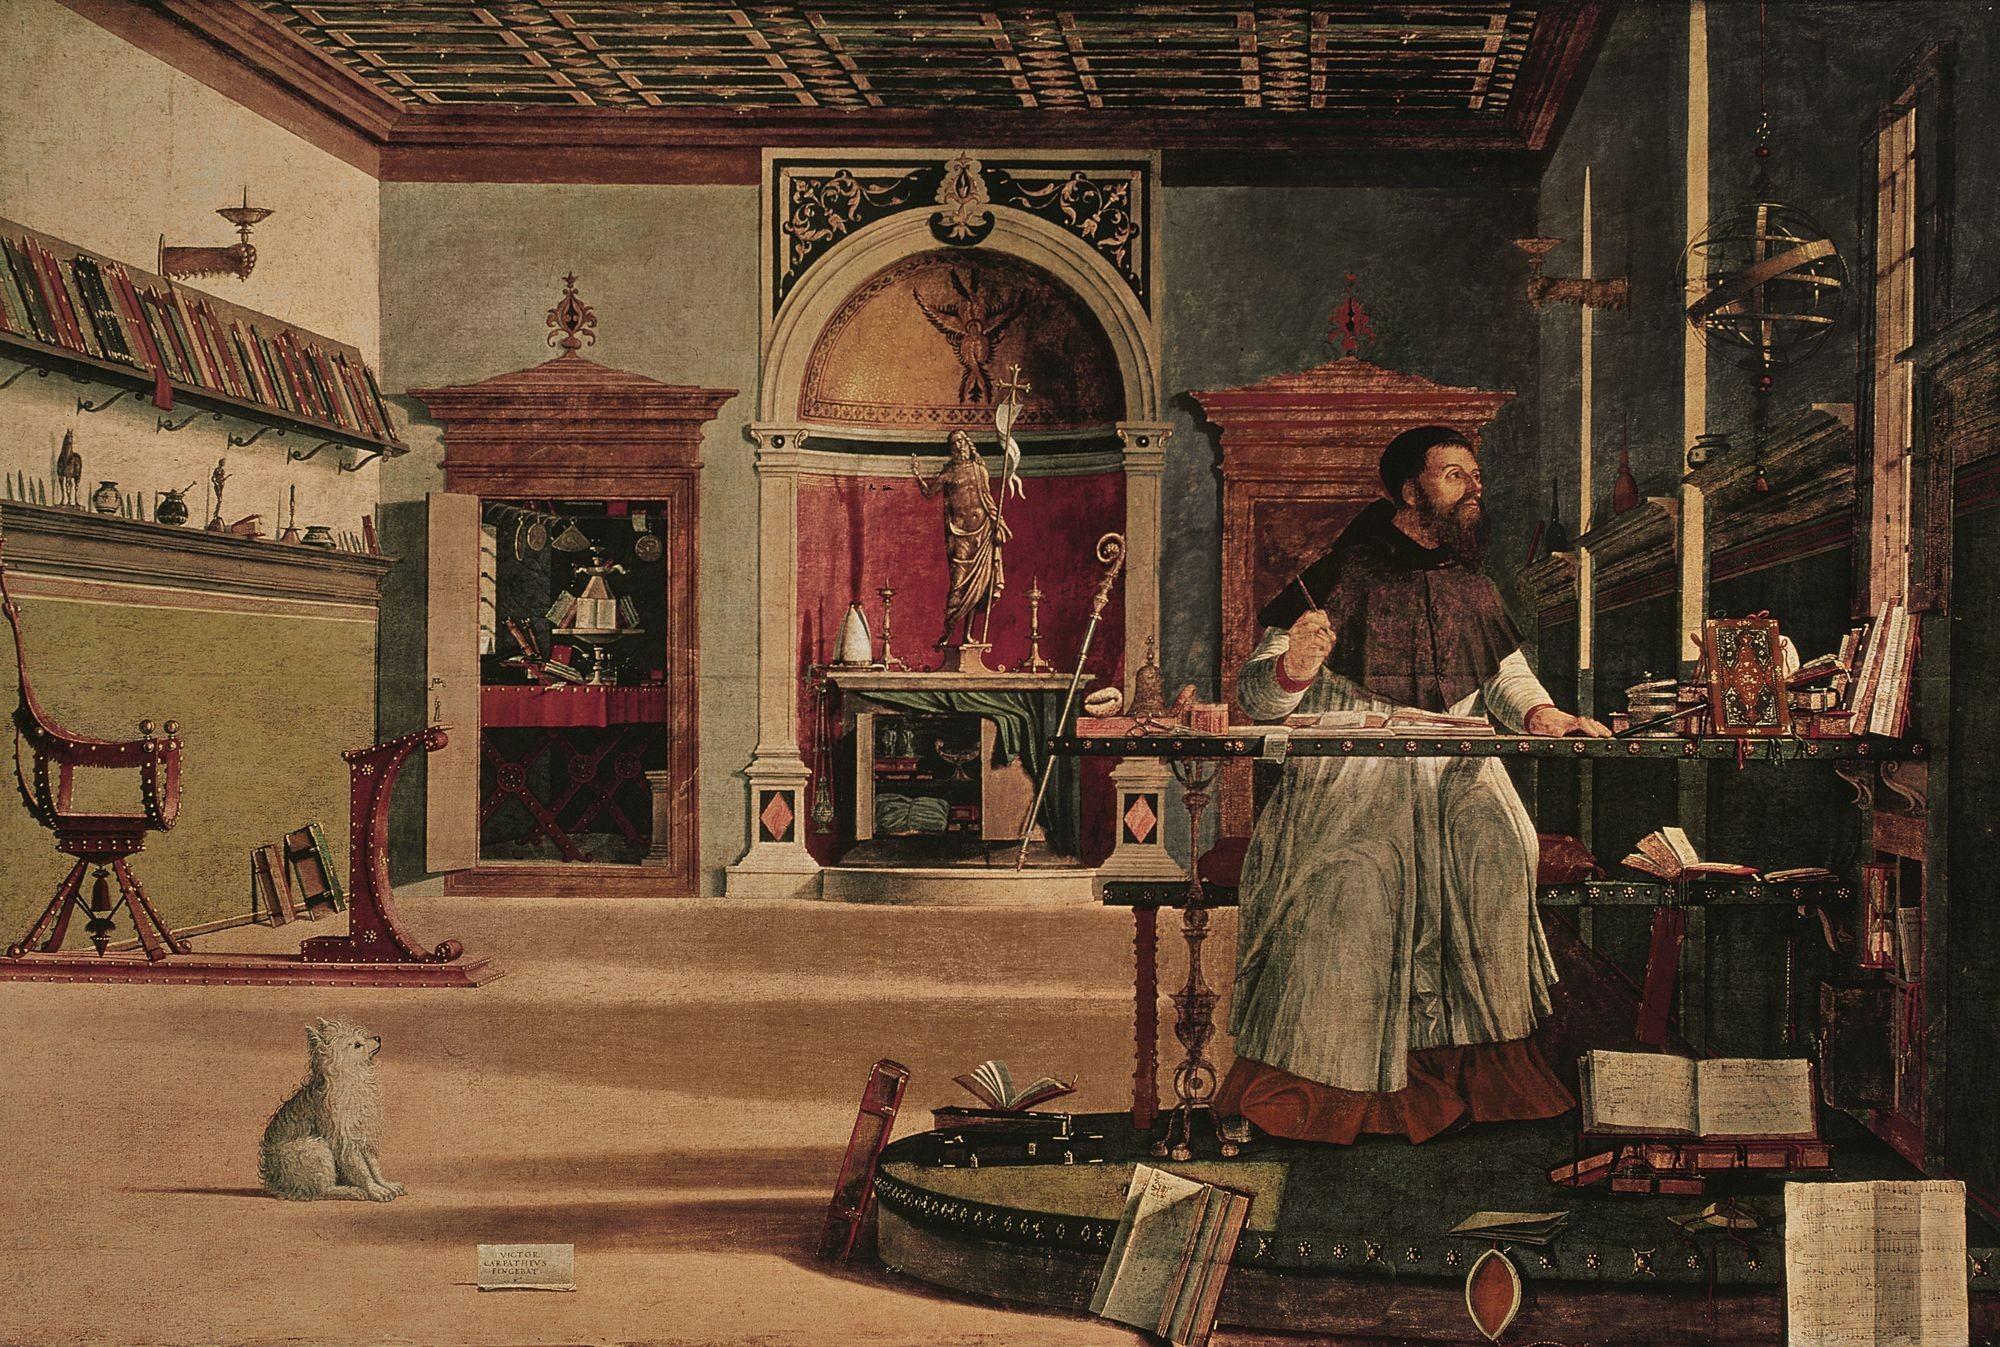 Vittore Carpaccio, La Vision de saint Augustin, 1502, huile sur toile, 144 × 202 cm, Scuola di San Giorgio degli Schiavoni, Venise.